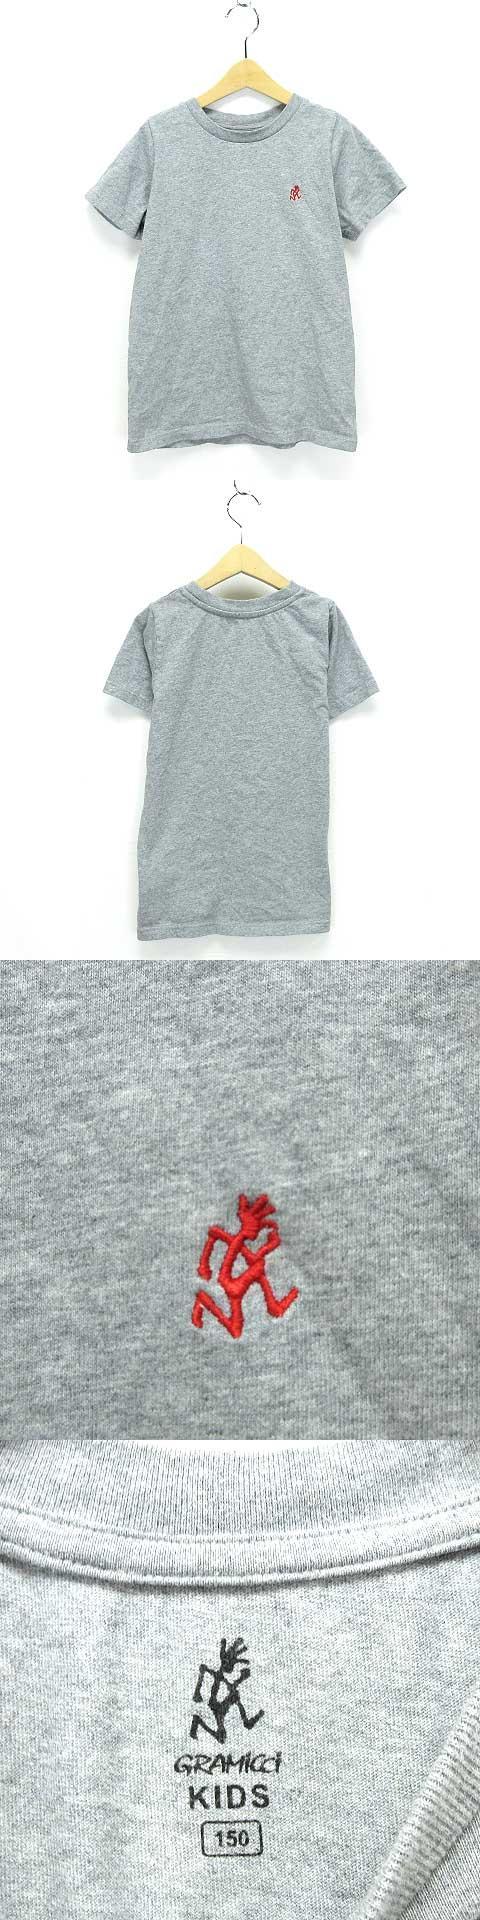 Tシャツ プルオーバー カットソー キッズ ワンポイント グレー 150 GKT-19S207 ※AI 190516